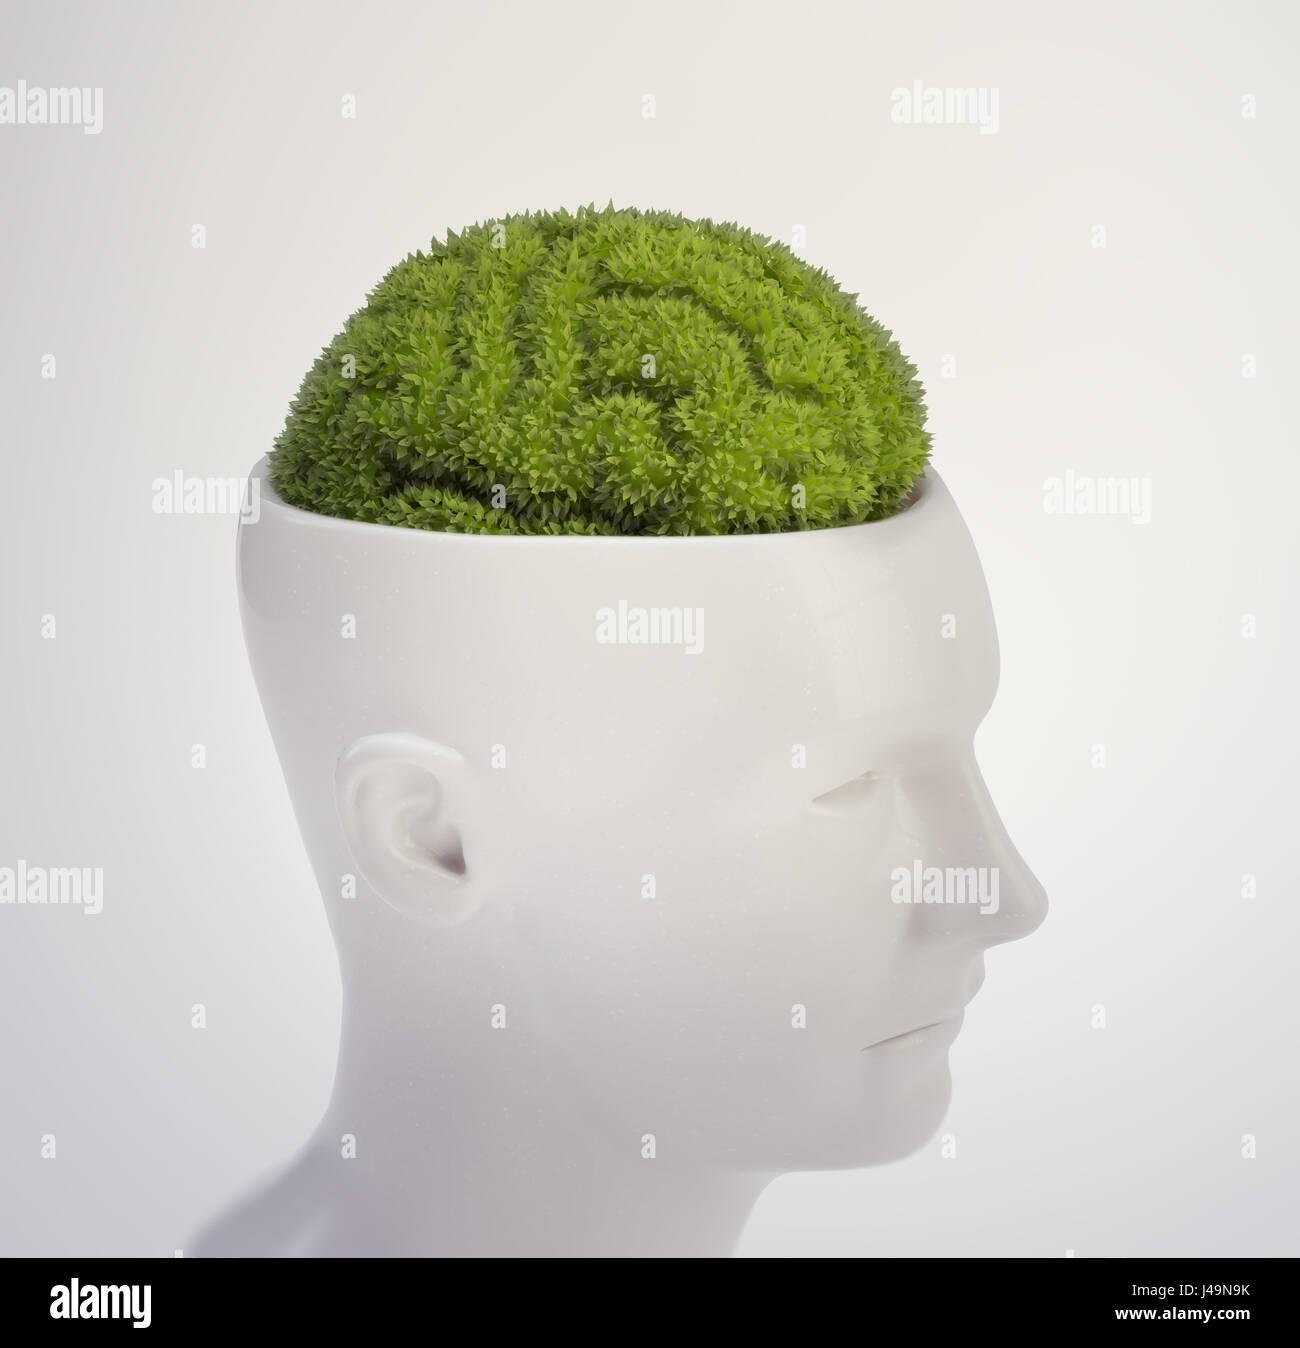 Pflanze, geformt wie ein menschliches Gehirn - Intelligenz und Gedächtnis Konzept 3D illustration Stockbild